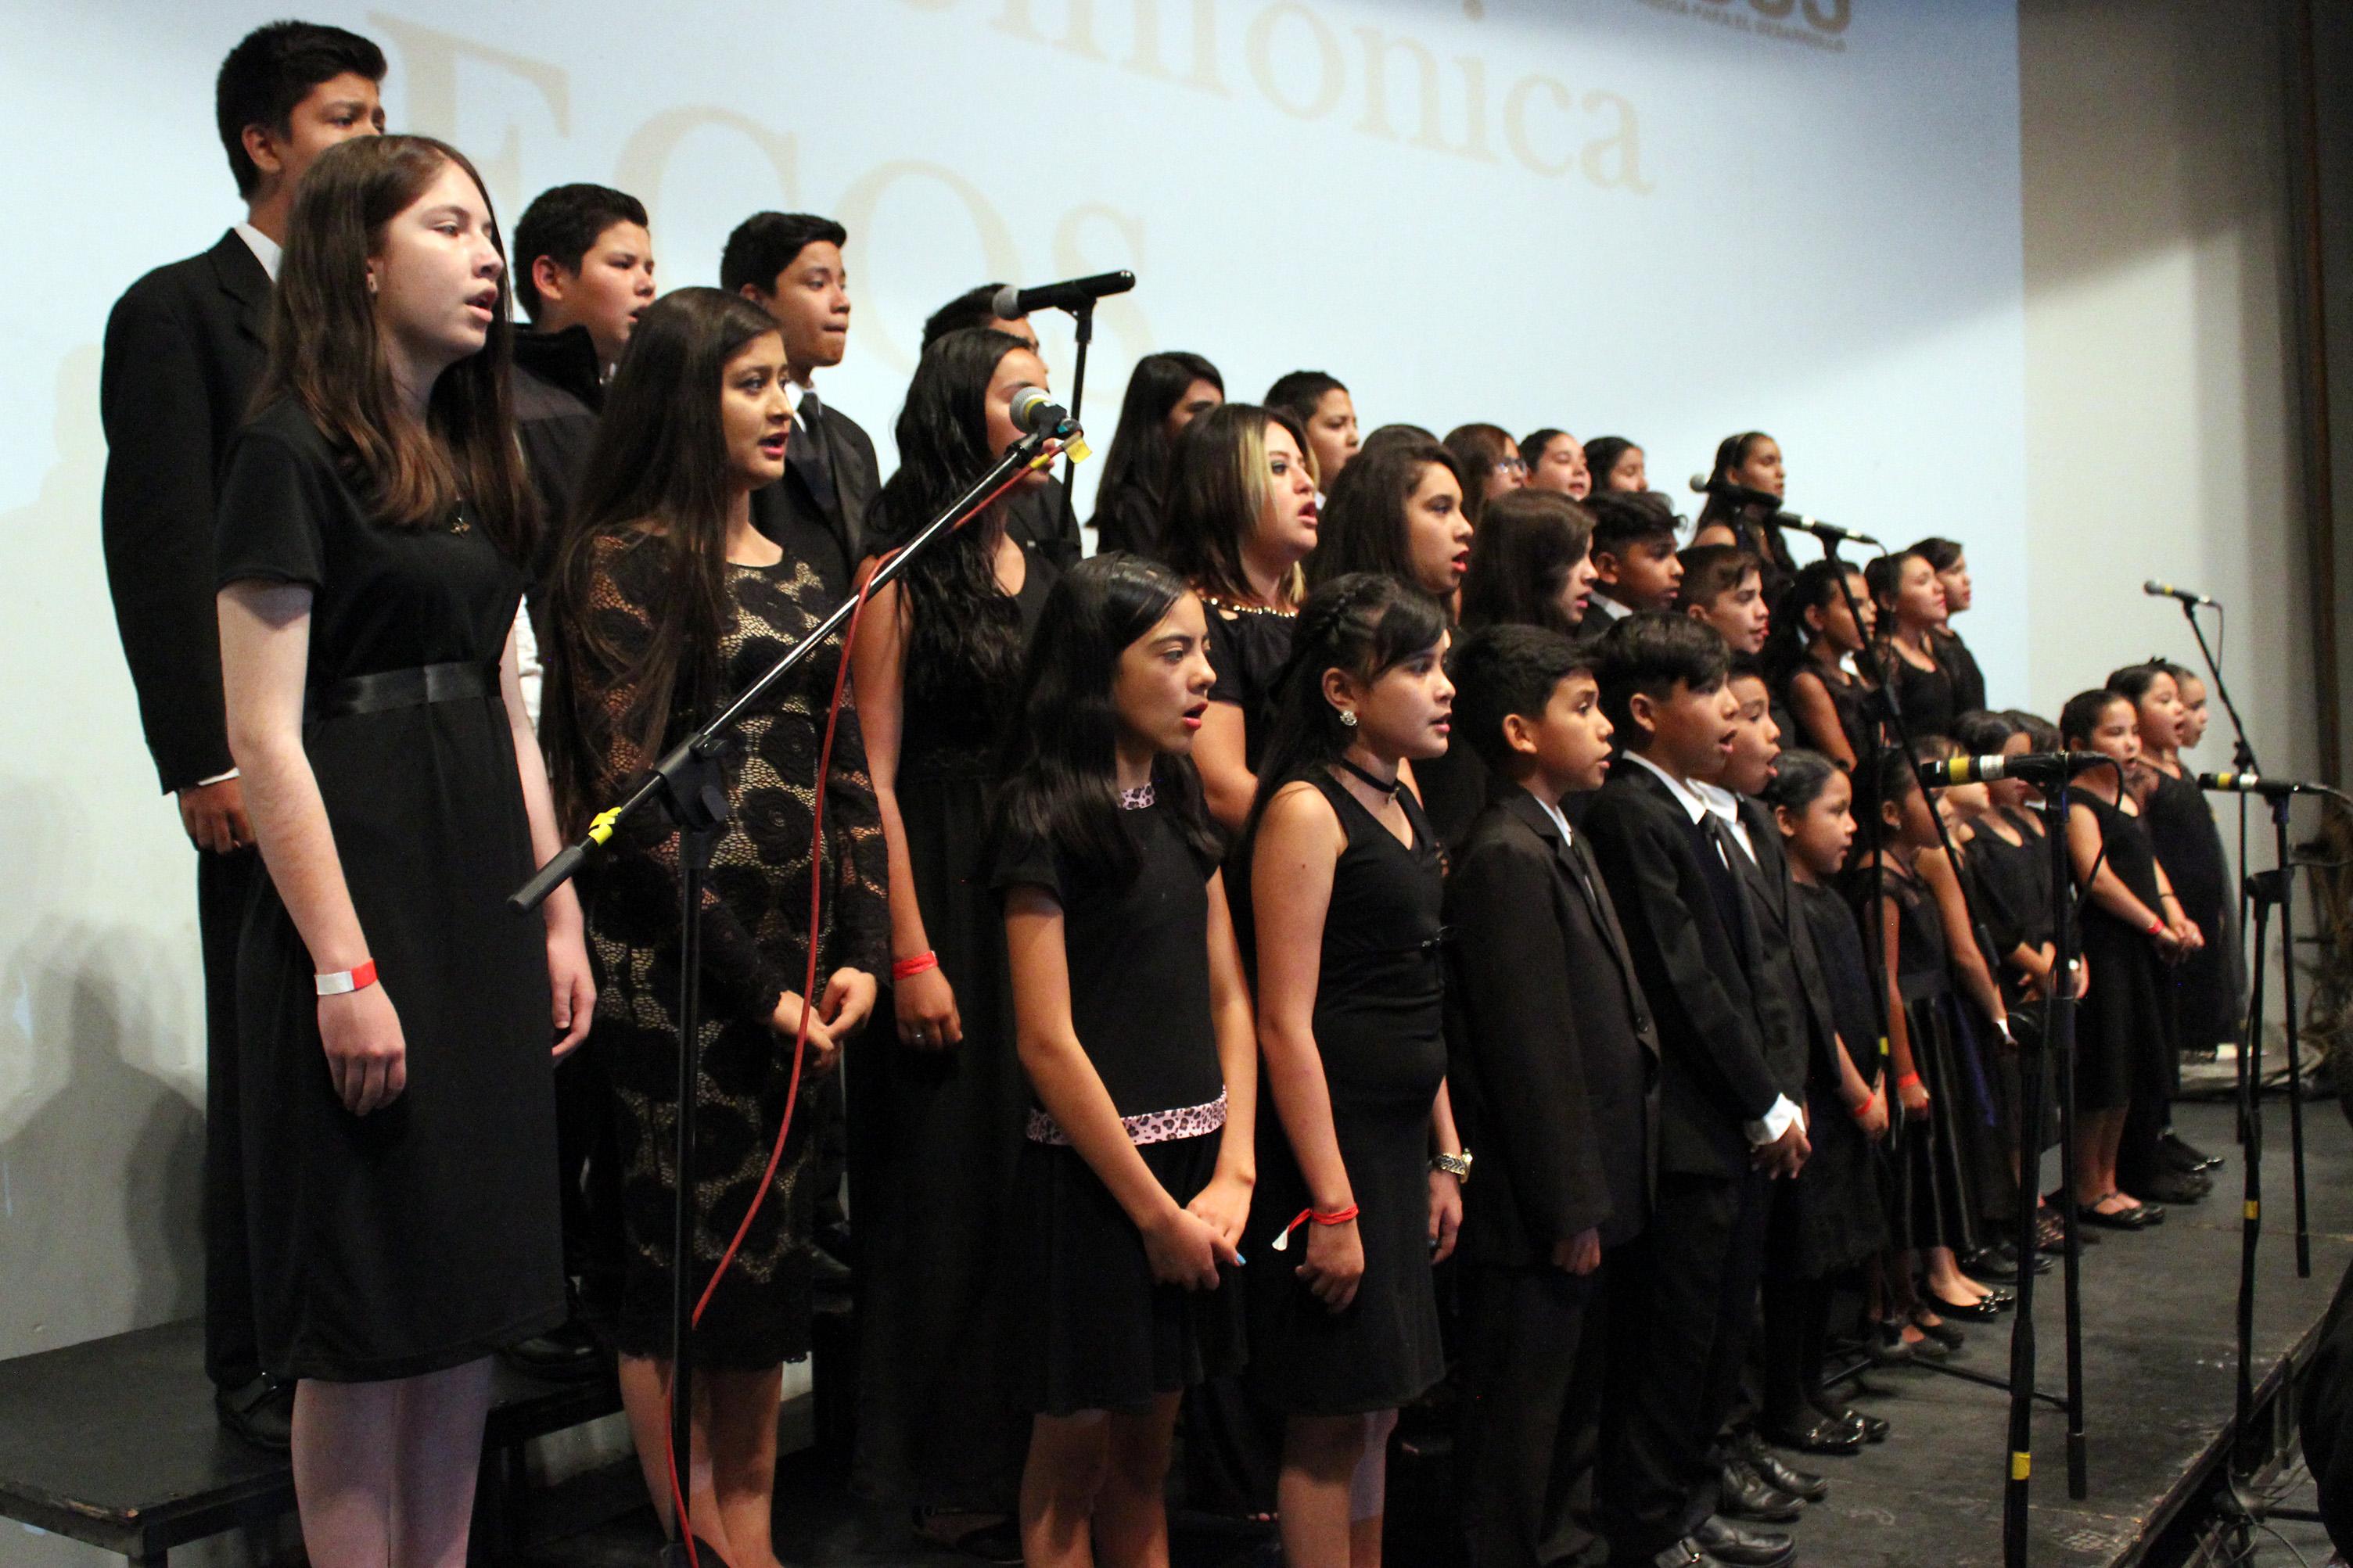 Conformarán coro con 200 niños de núcleos ECOS / Convocatoria